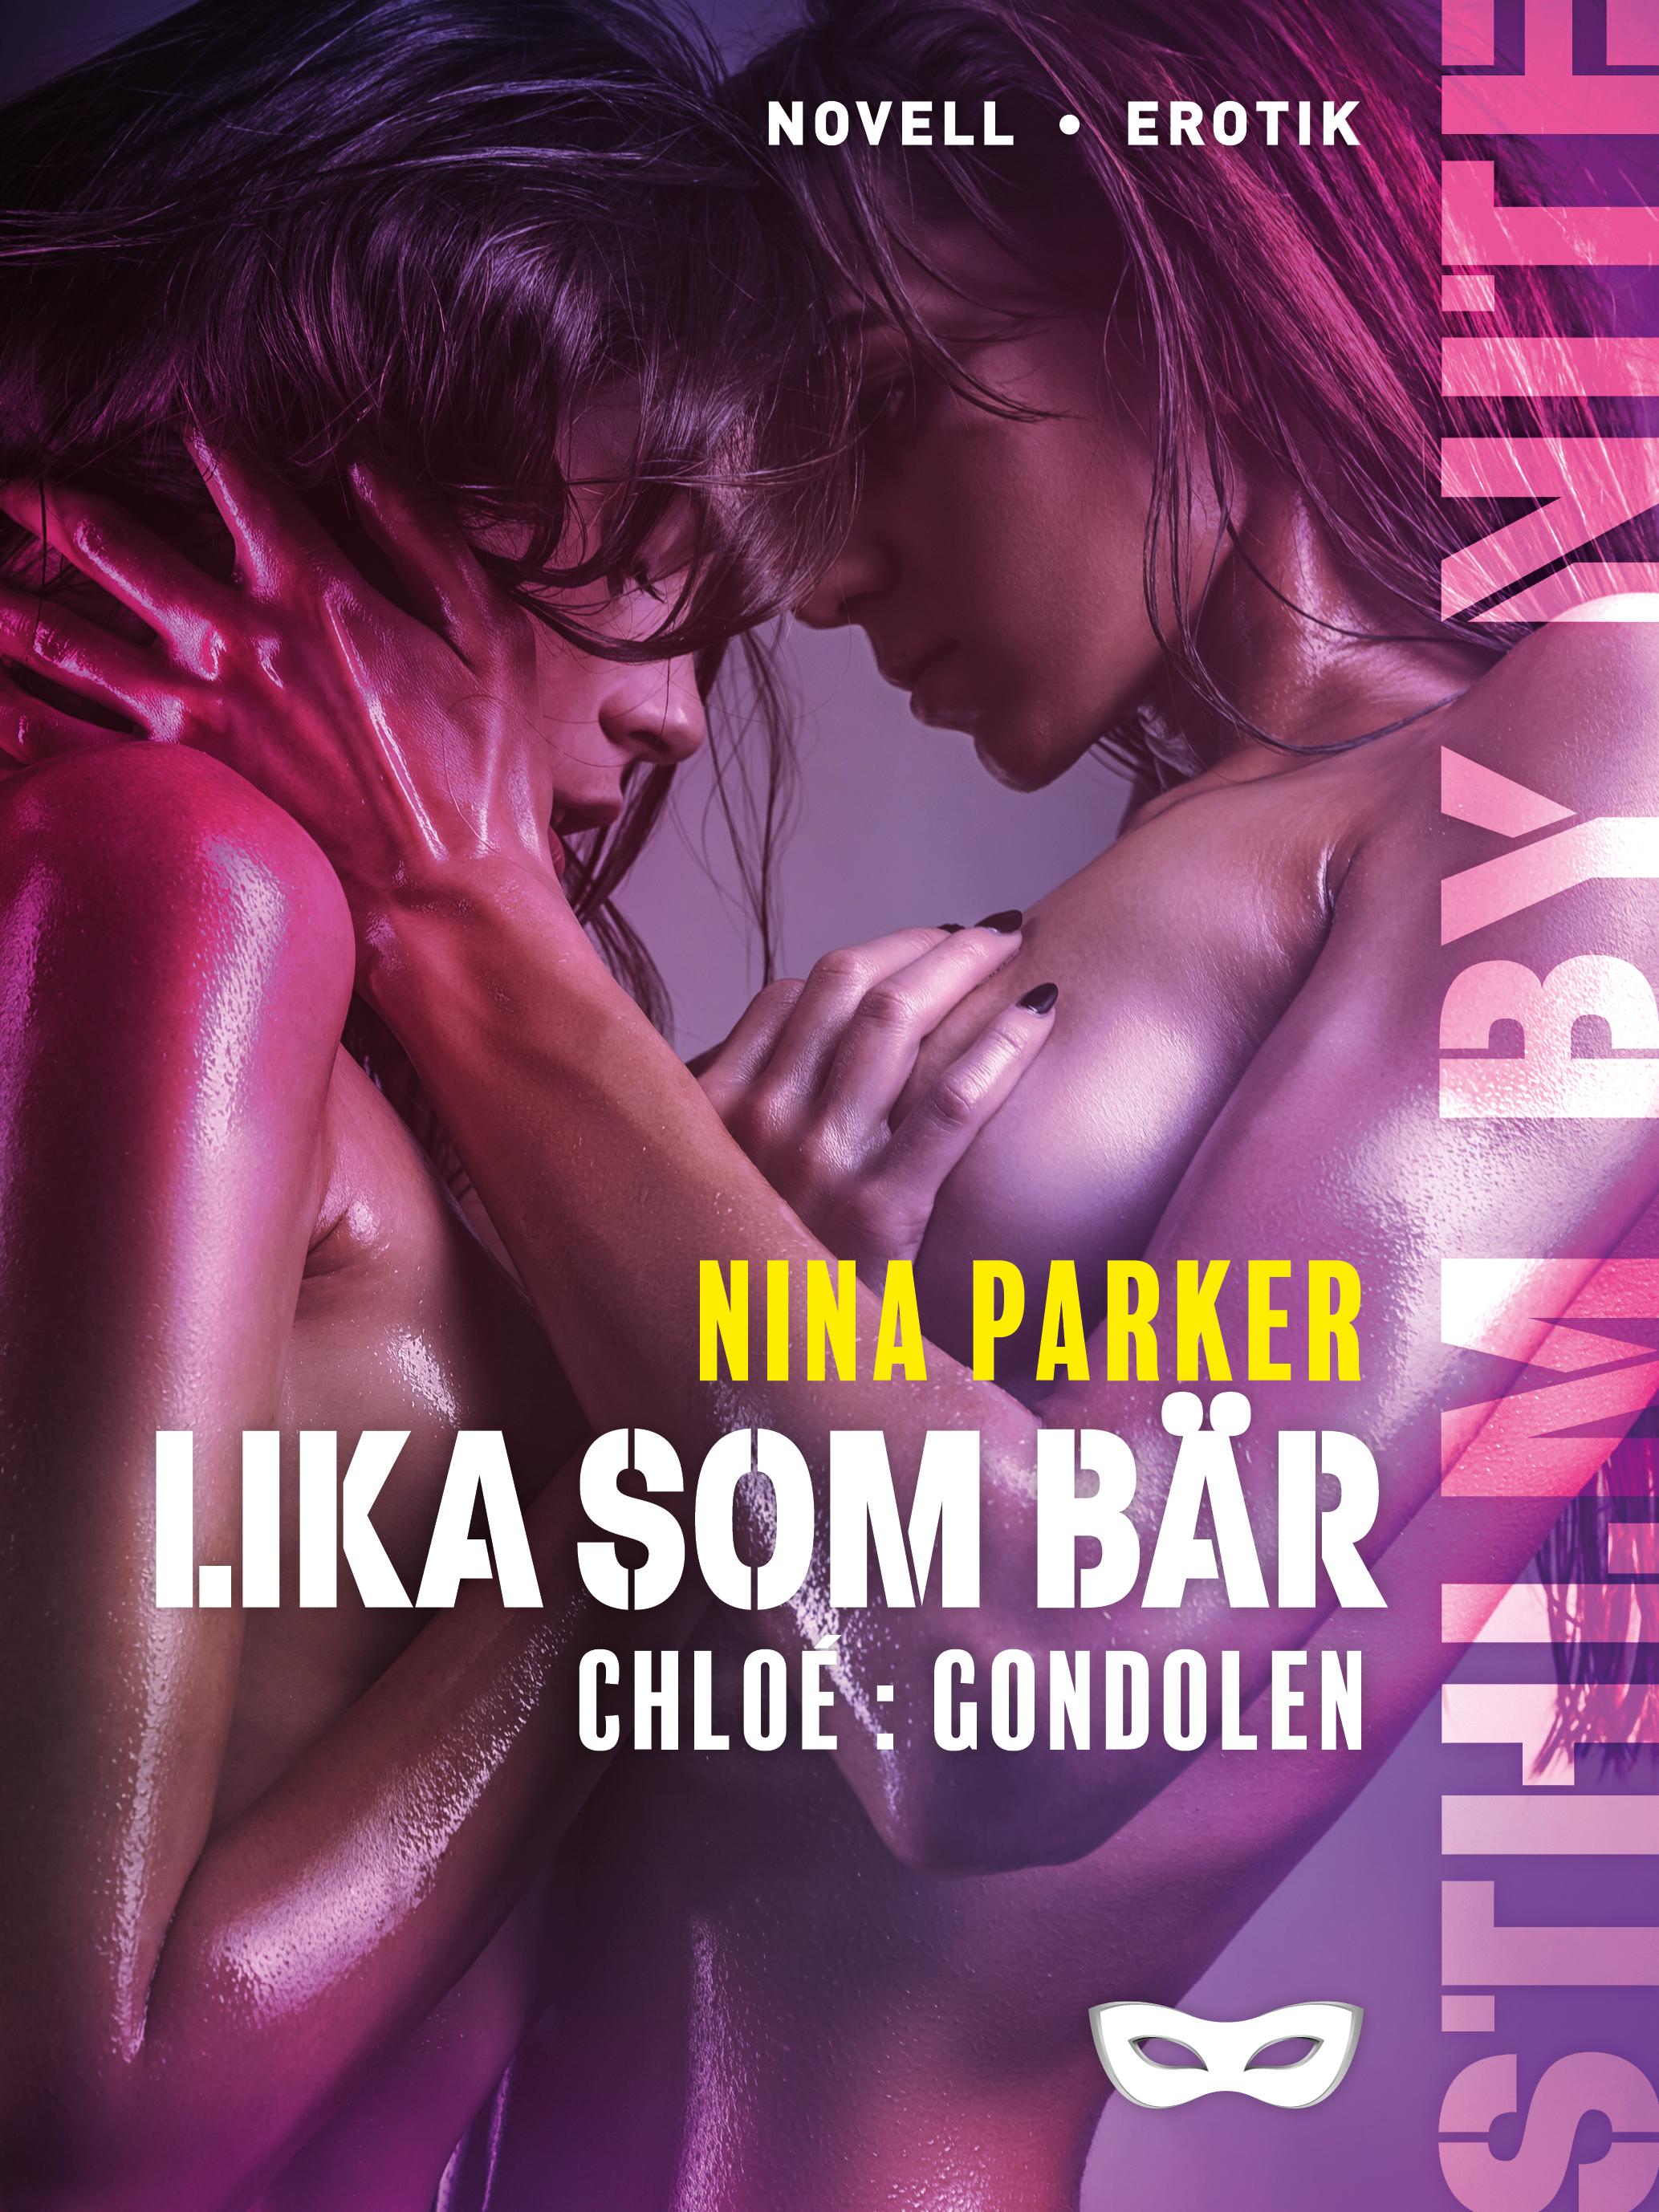 LIKA-n_Lika som bar_Nina Parker.jpg